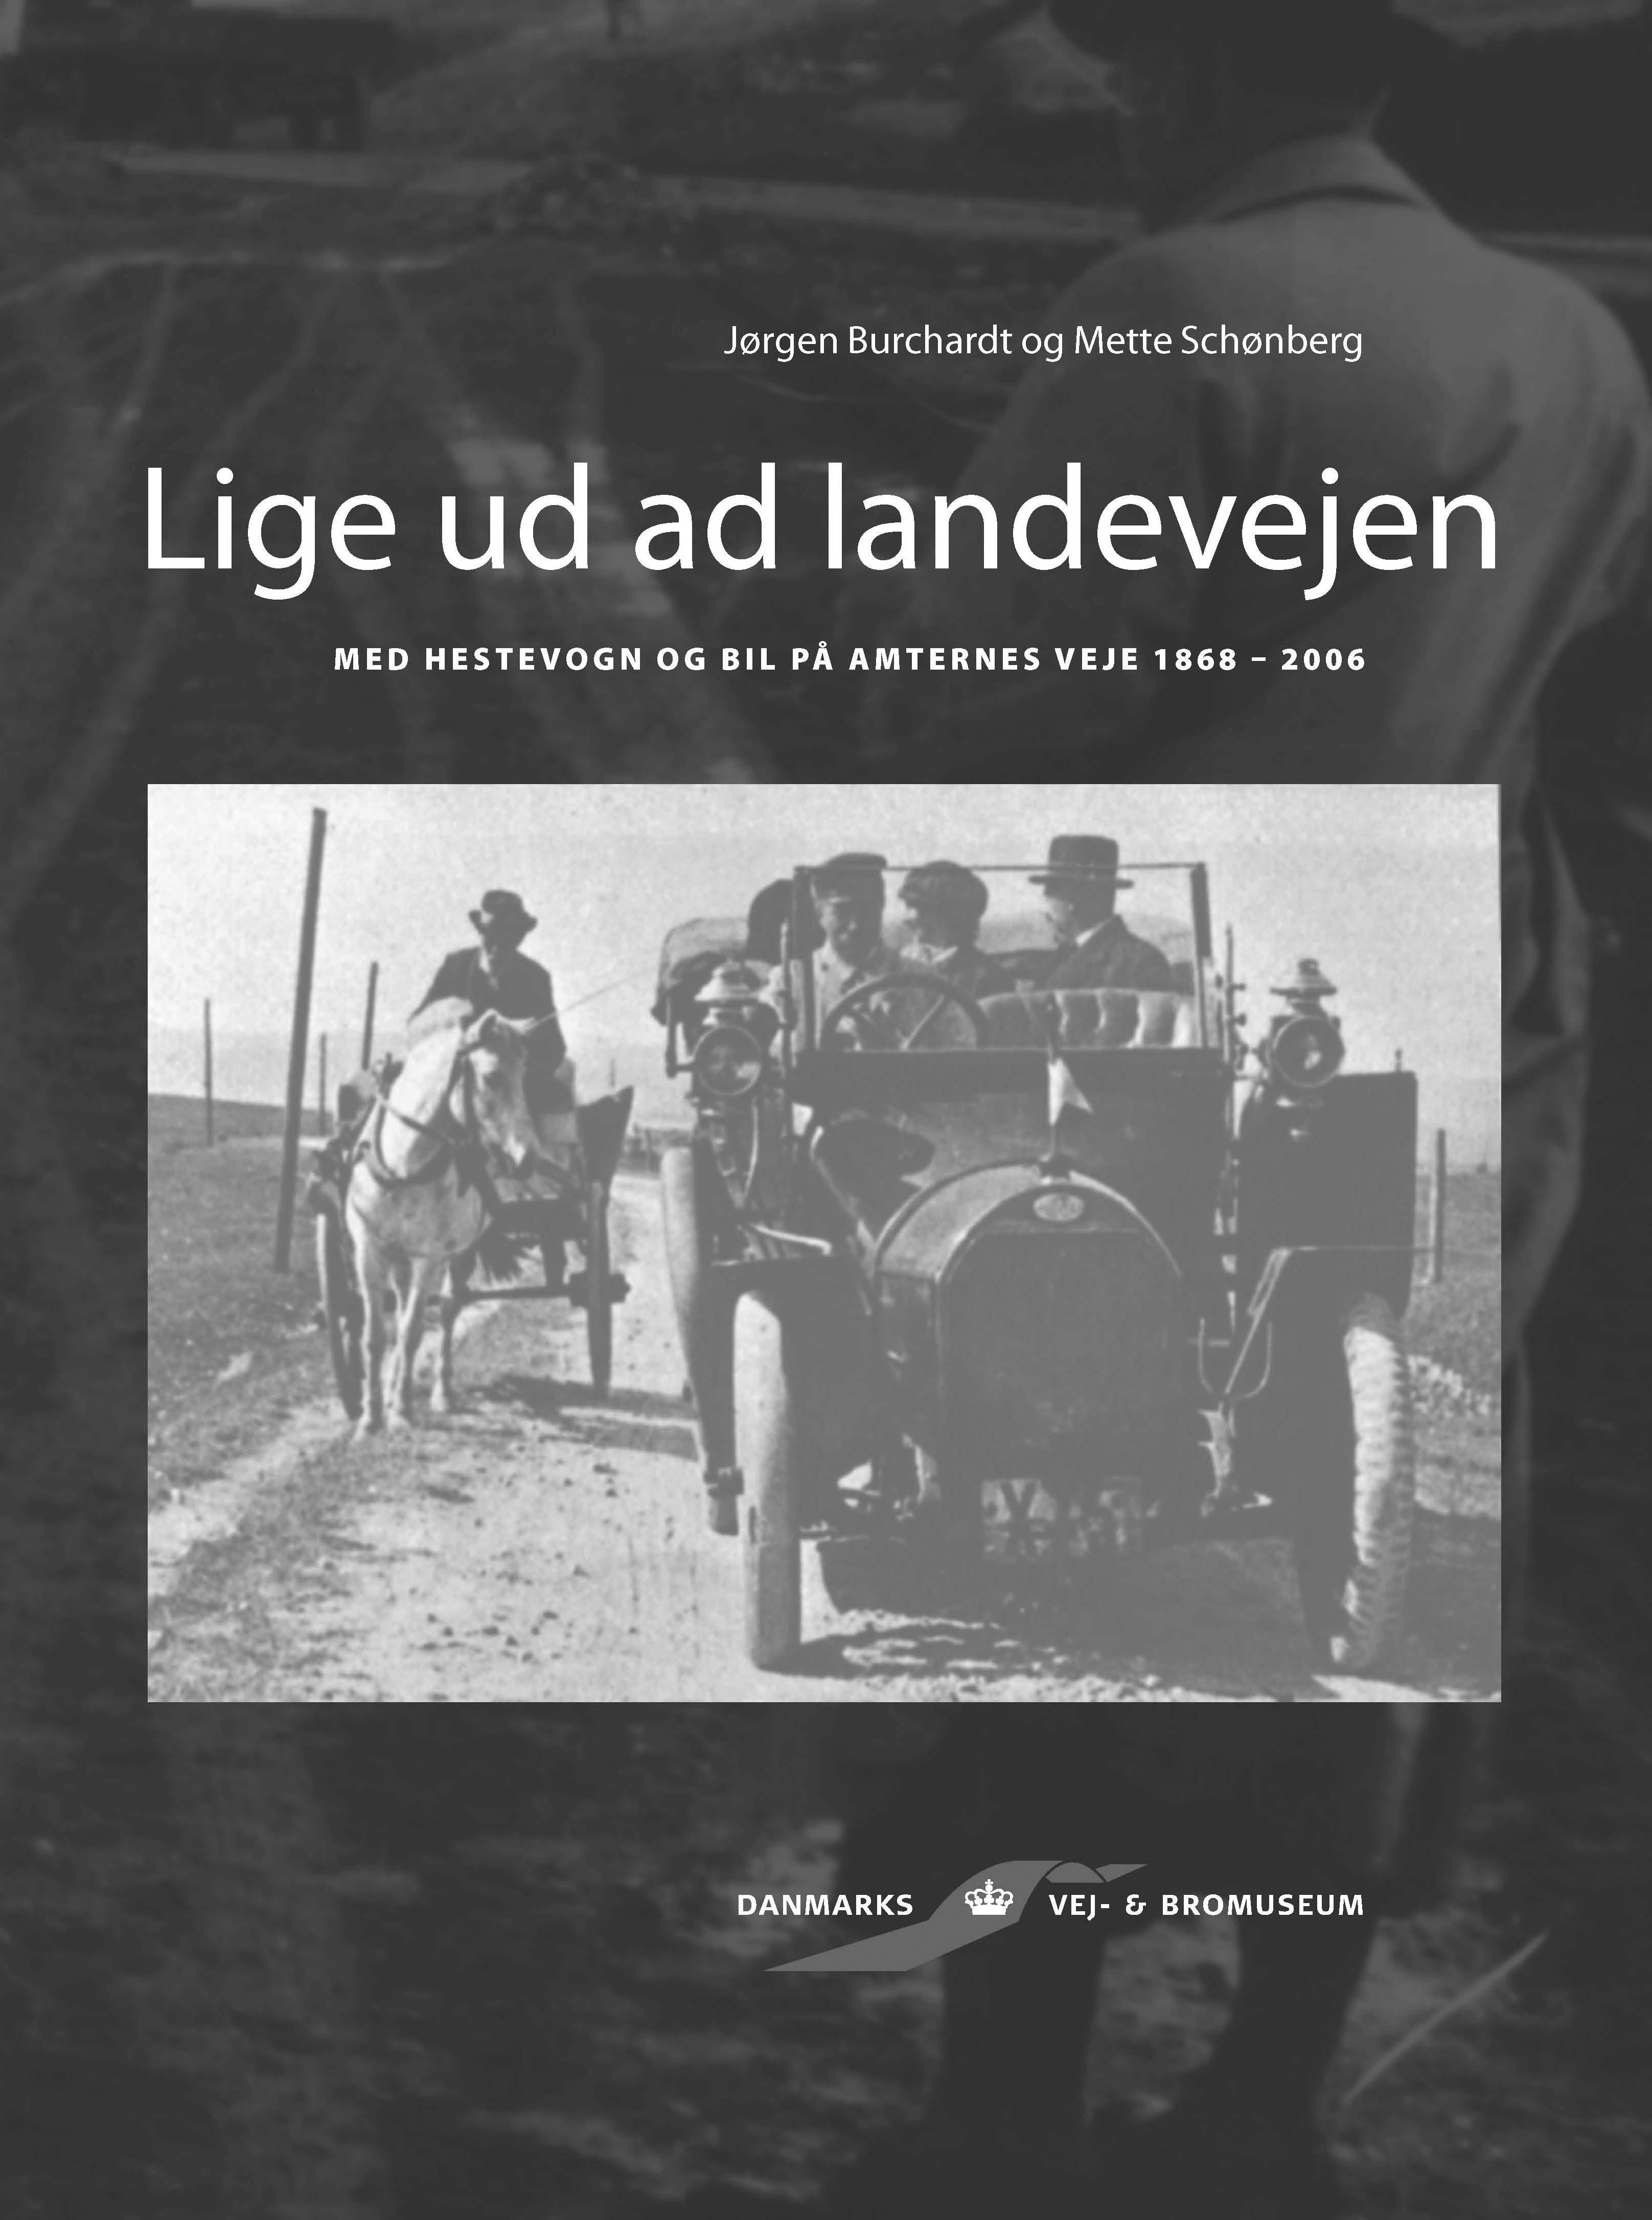 Lige ud ad landevejen Med hestevogn og bil på amternes veje 1868-2006